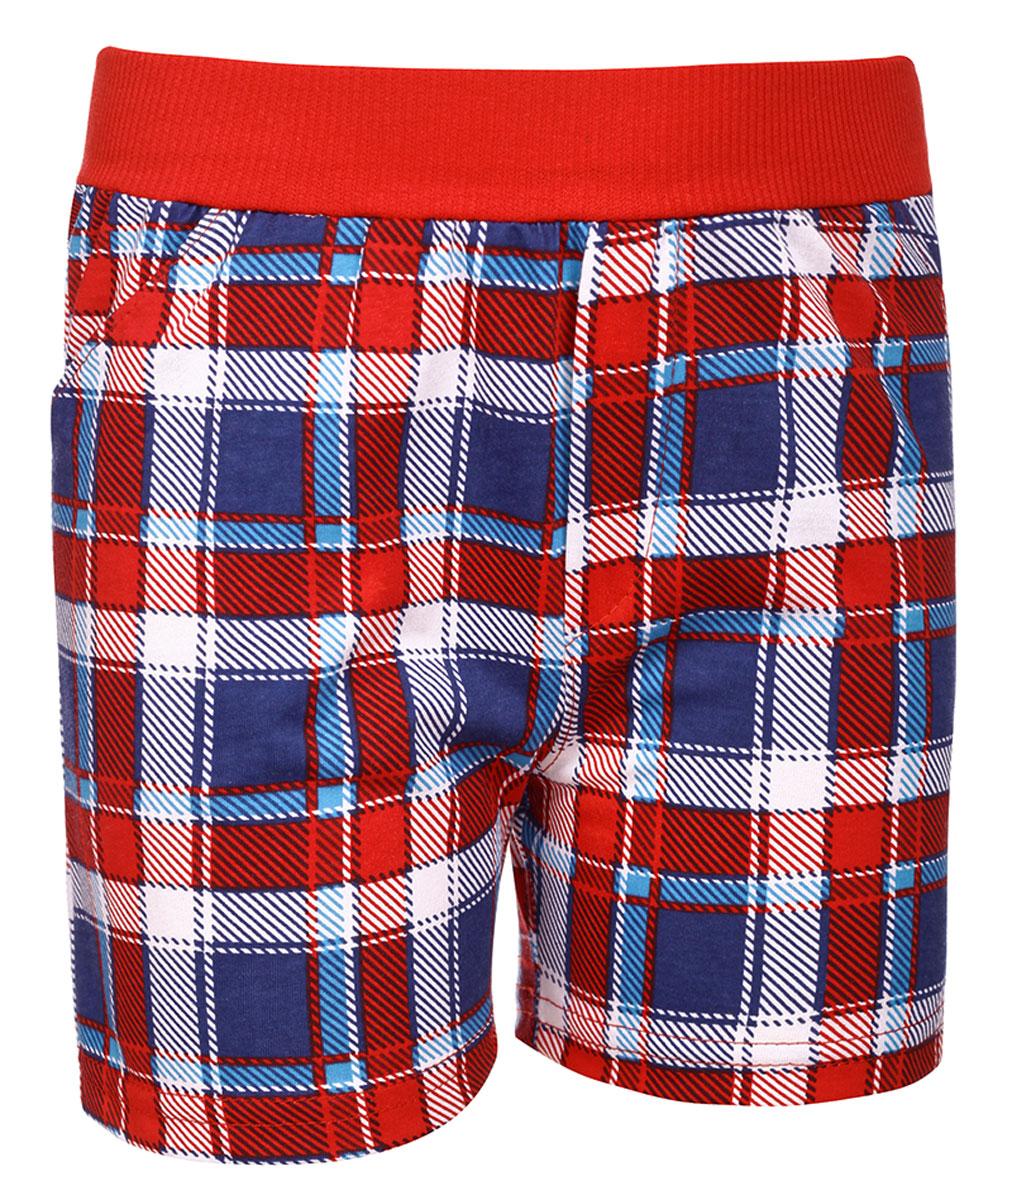 Шорты для мальчика M&D, цвет: красный, синий, белый. М37807. Размер 92М37807Шорты для мальчика от M&D выполнены из натурального хлопка и оформлены оригинальным принтом. Модель имеет эластичные пояс на талии. По бокам расположены втачные карманы.